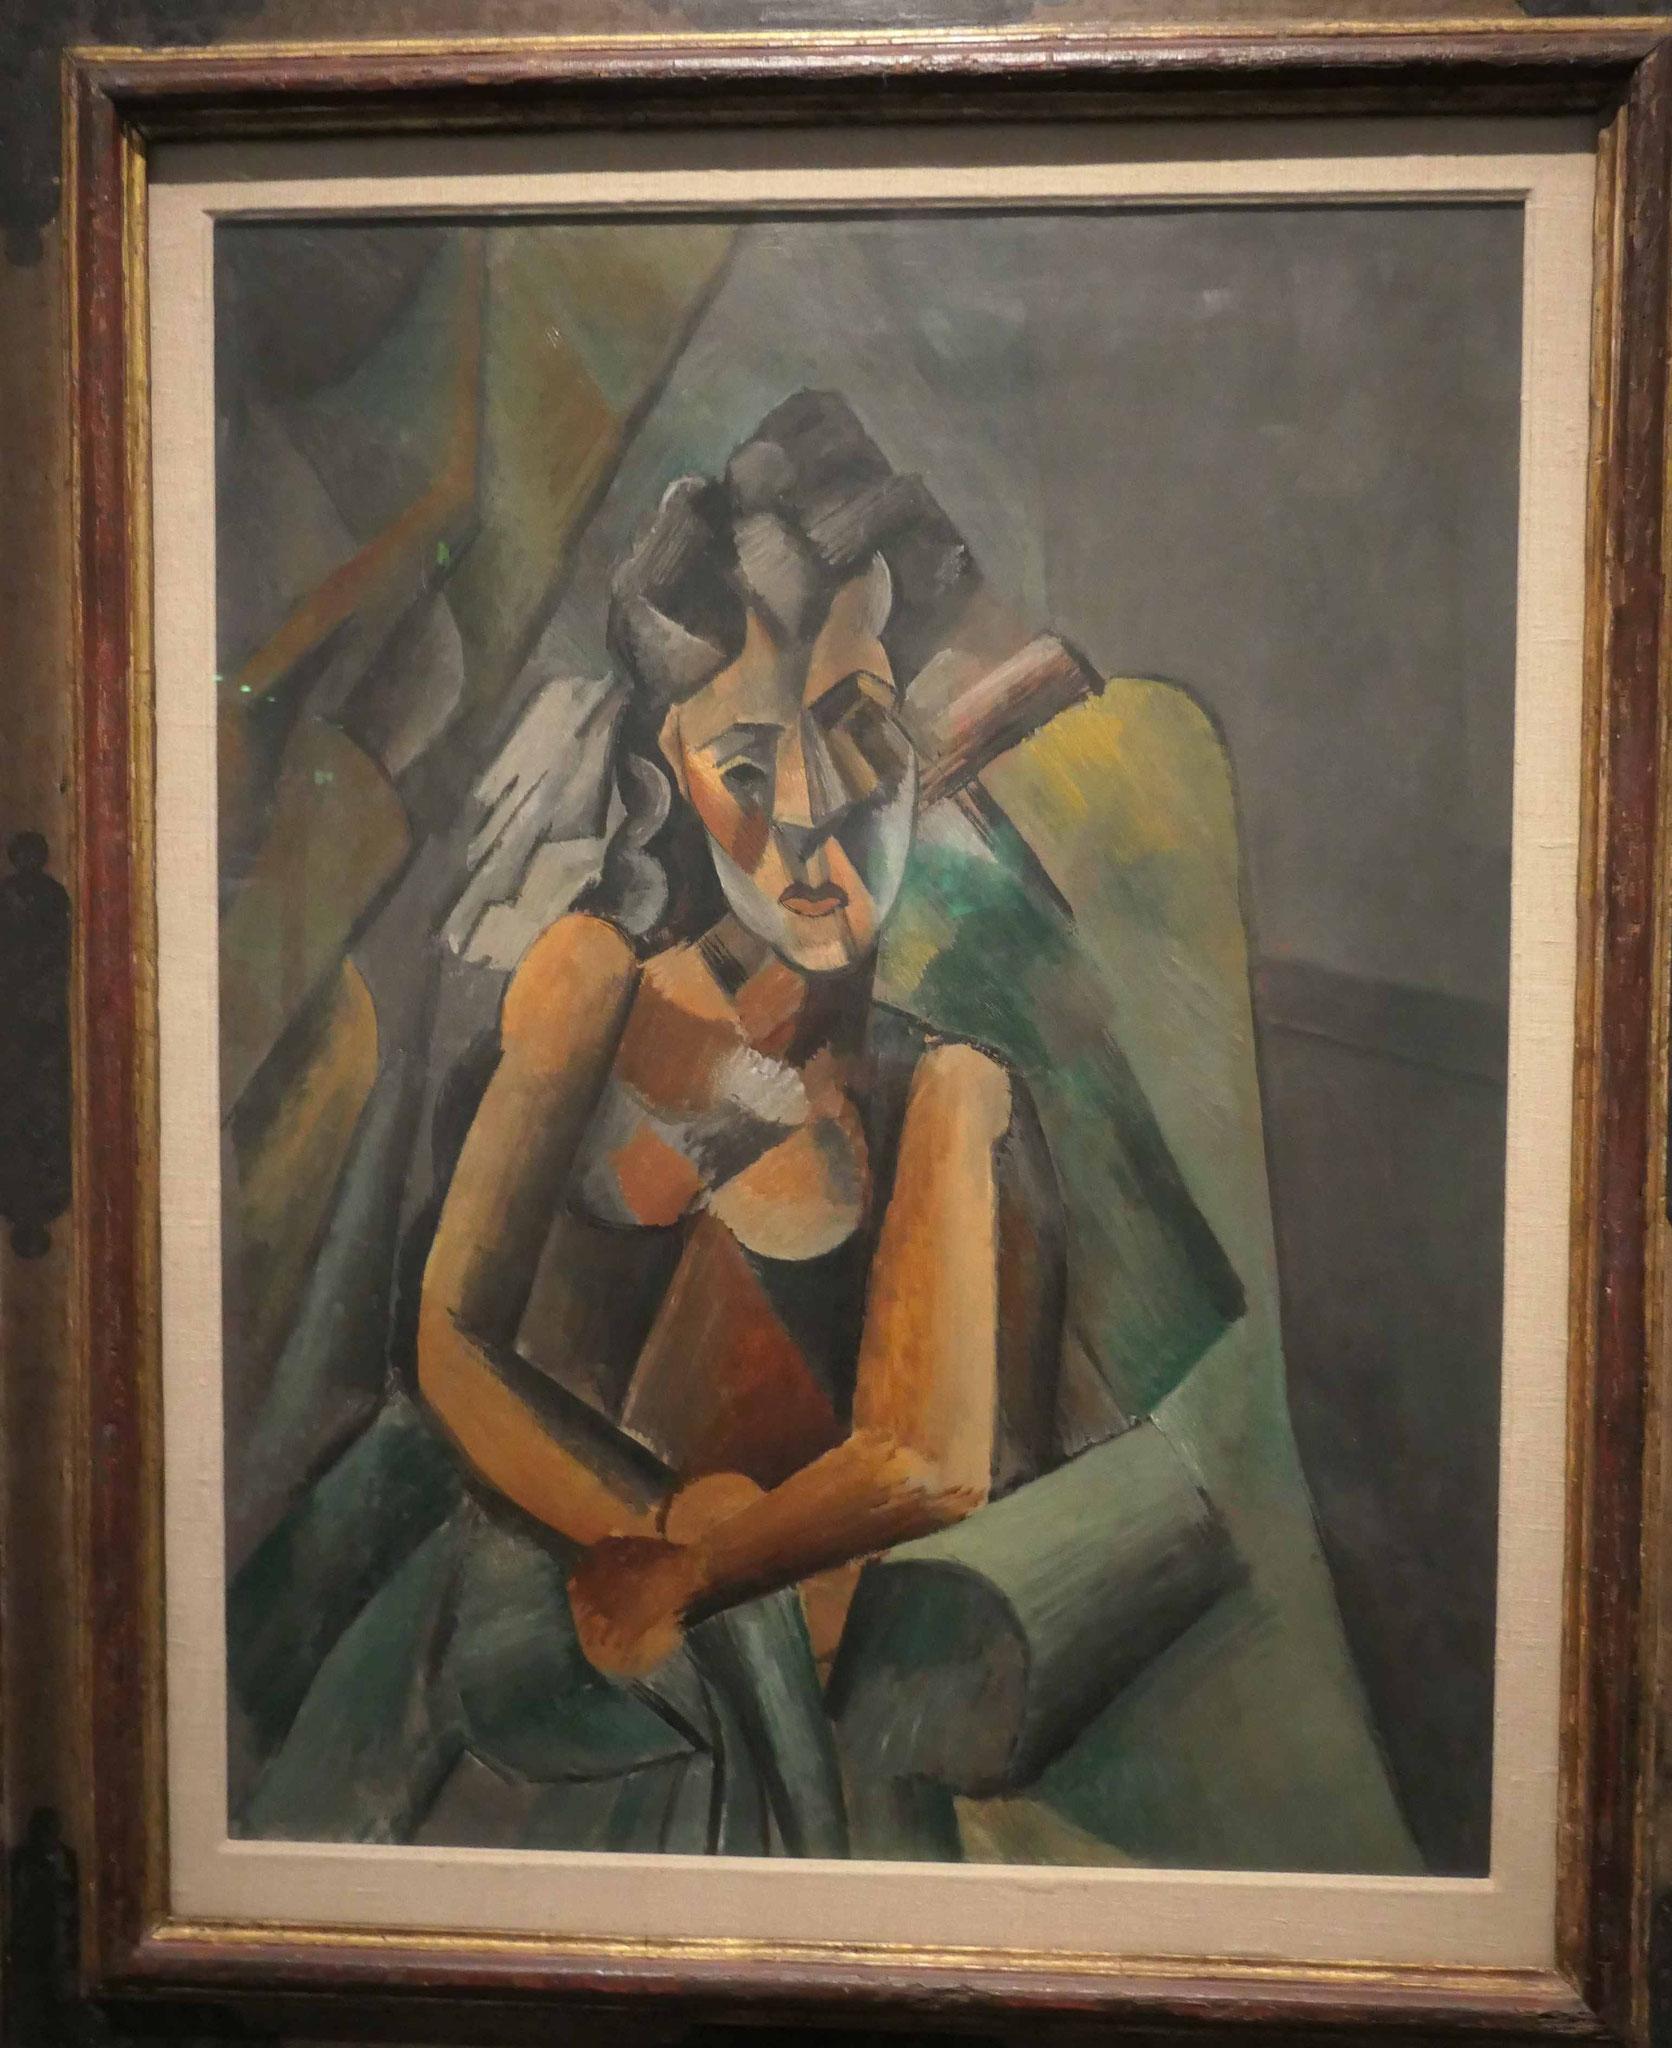 Pablo Picasso, Sitzende Frau in einem Sessel, 1909, Neue Nationalgalerie Berlin